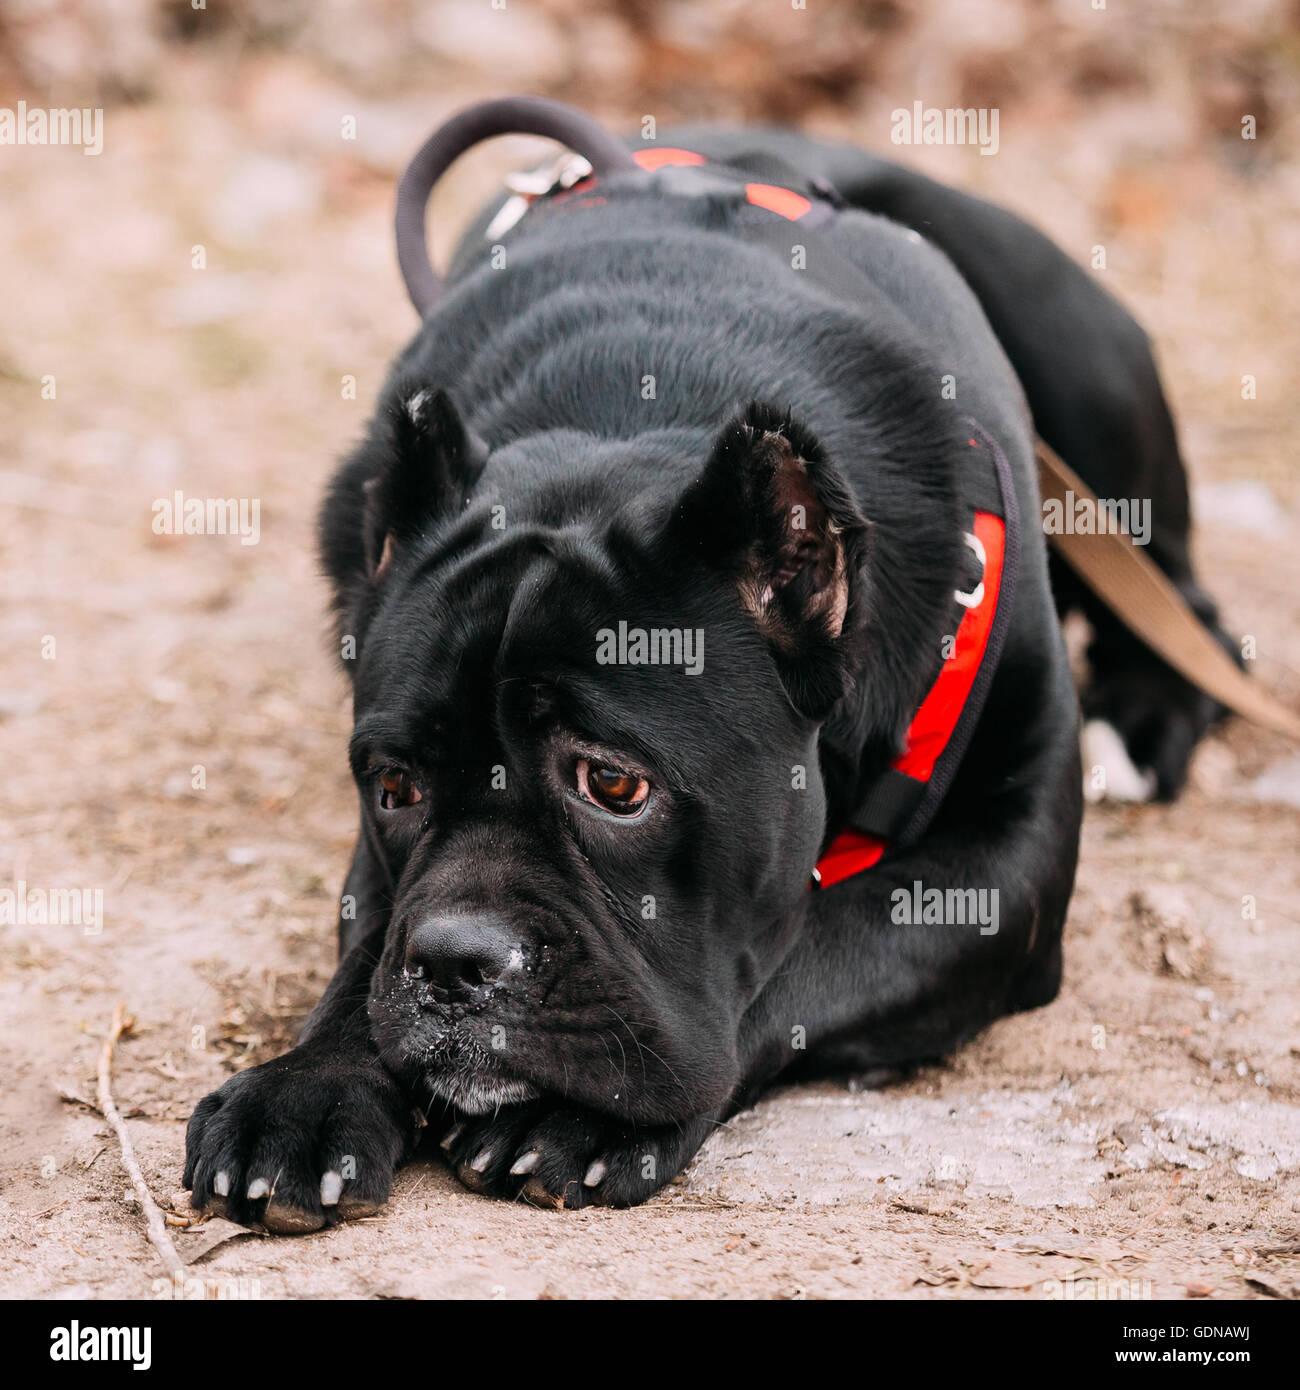 Wundervoll Schöne Hunderassen Das Beste Von Schöne Schwarze Junge Cane Corso Welpen Hund